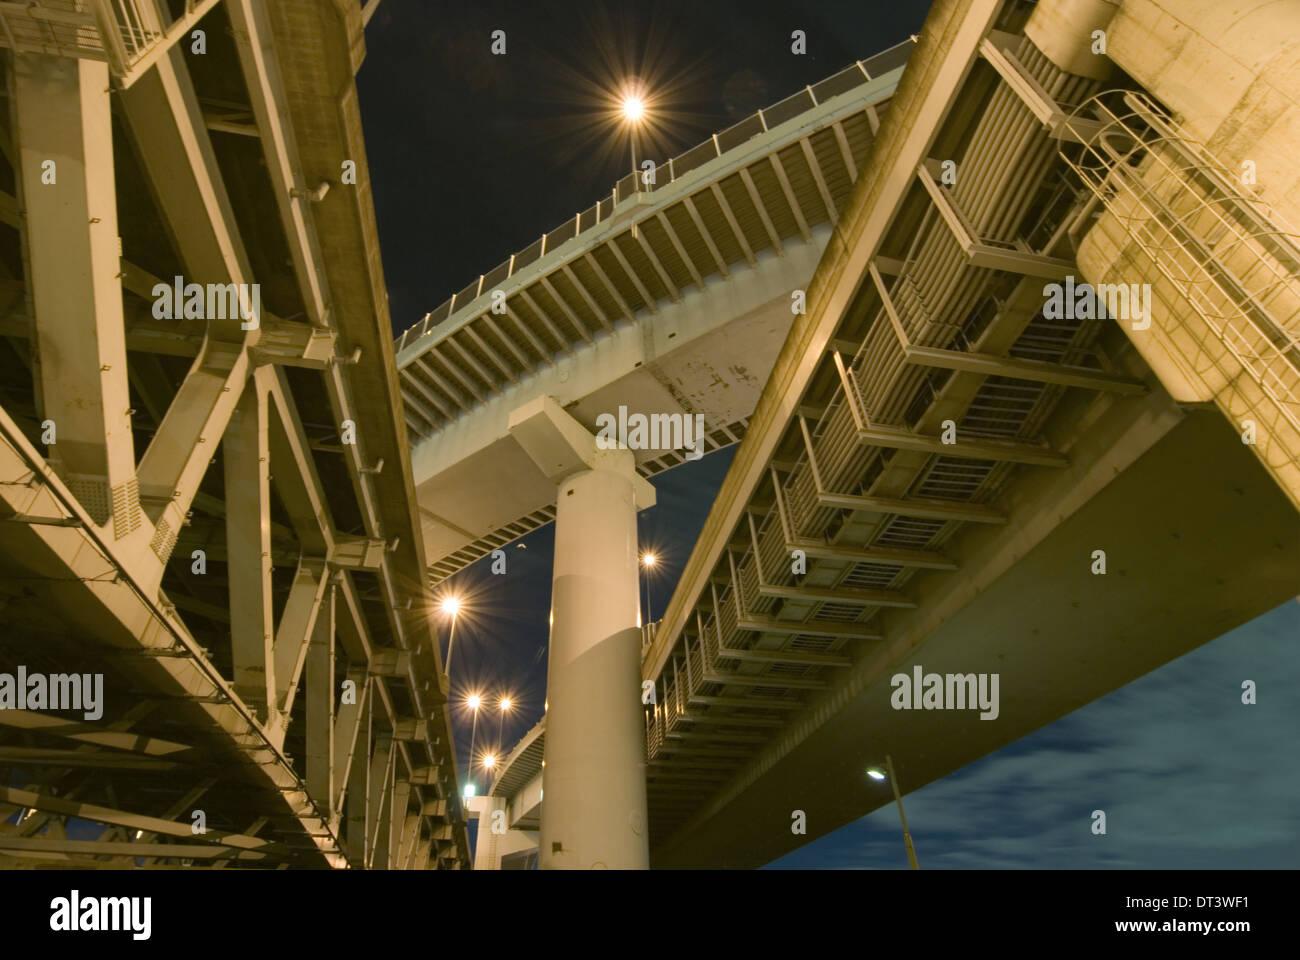 La structure de la voirie contexte au ciel nocturne Photo Stock